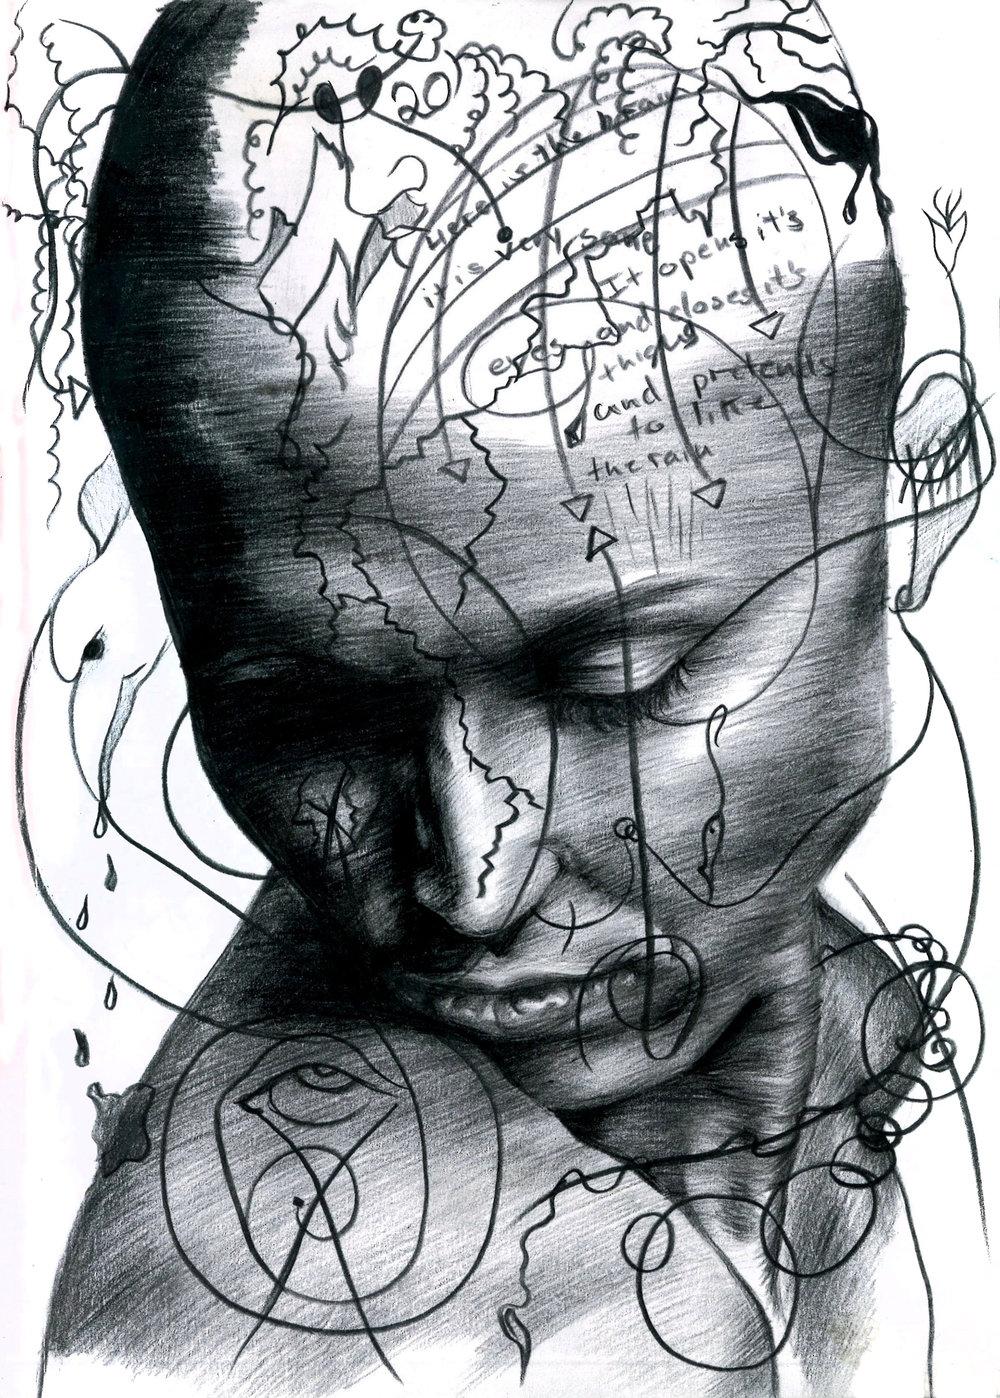 Here_is_the_Brain_by_Elsma.jpg